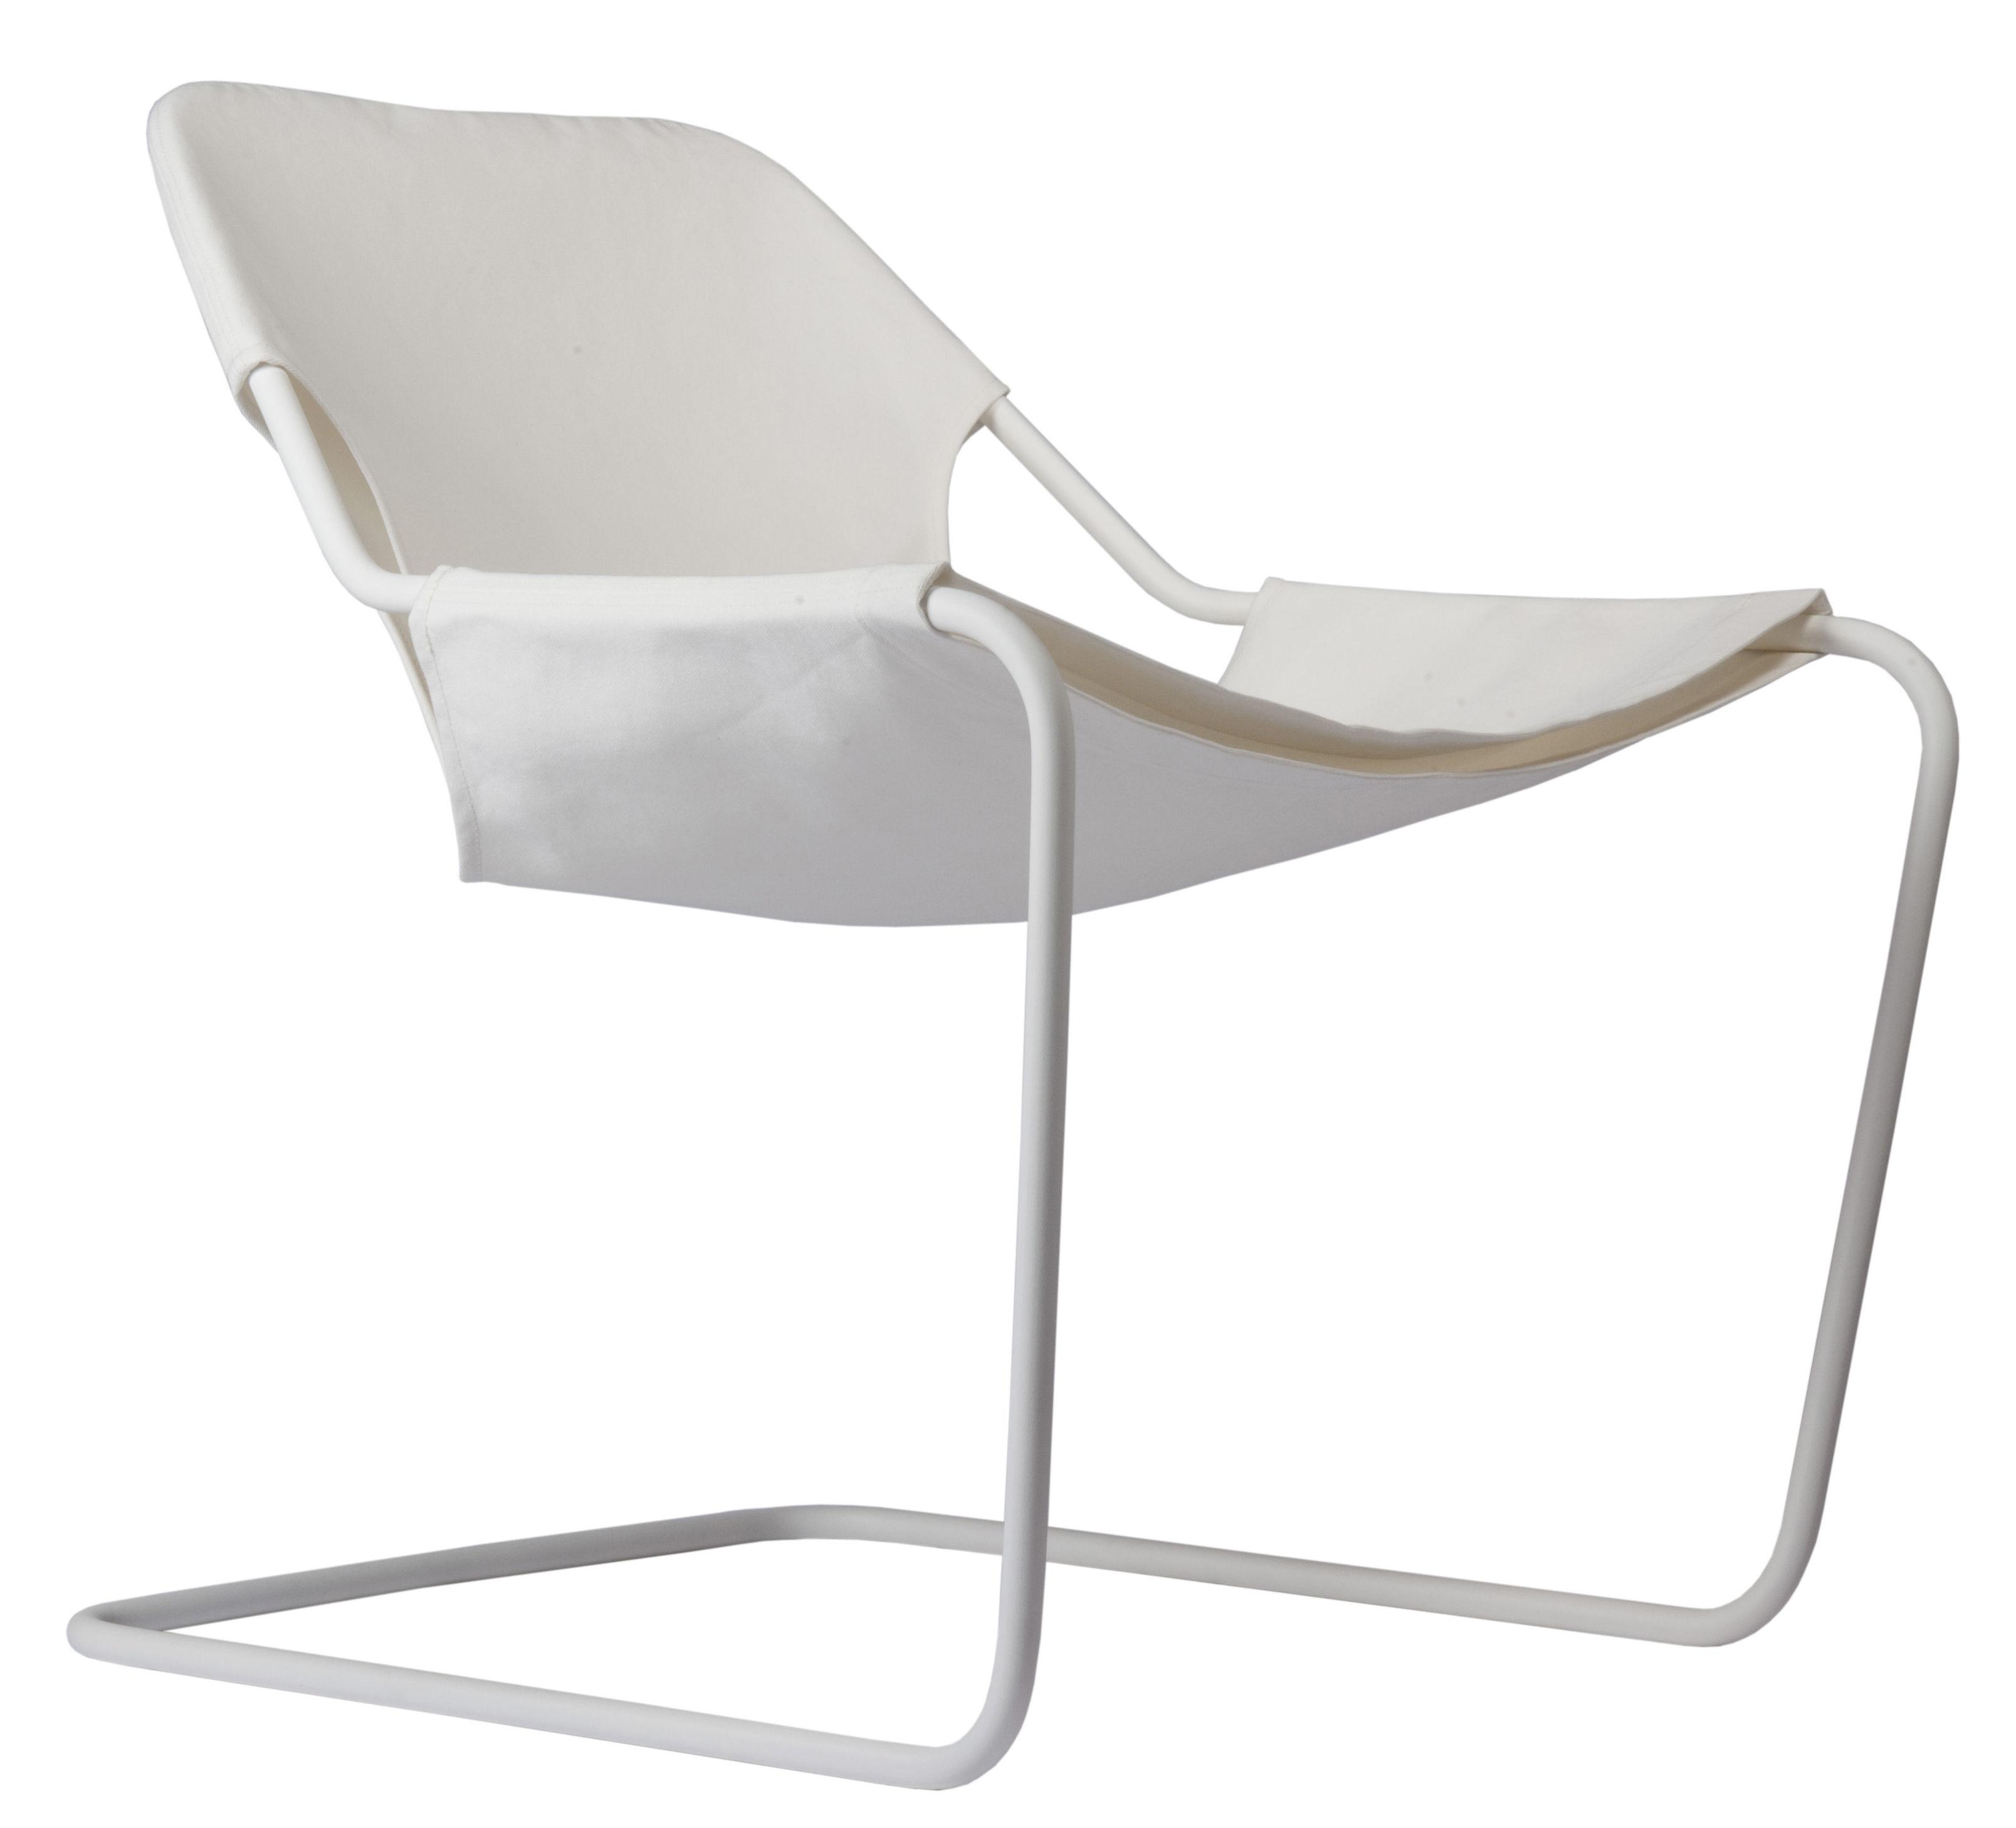 Möbel - Lounge Sessel - Paulistano Outdoor Sessel / für den Außeneinsatz - Objekto - Weiß / Gestell weiß - Baumwolle, Karbon